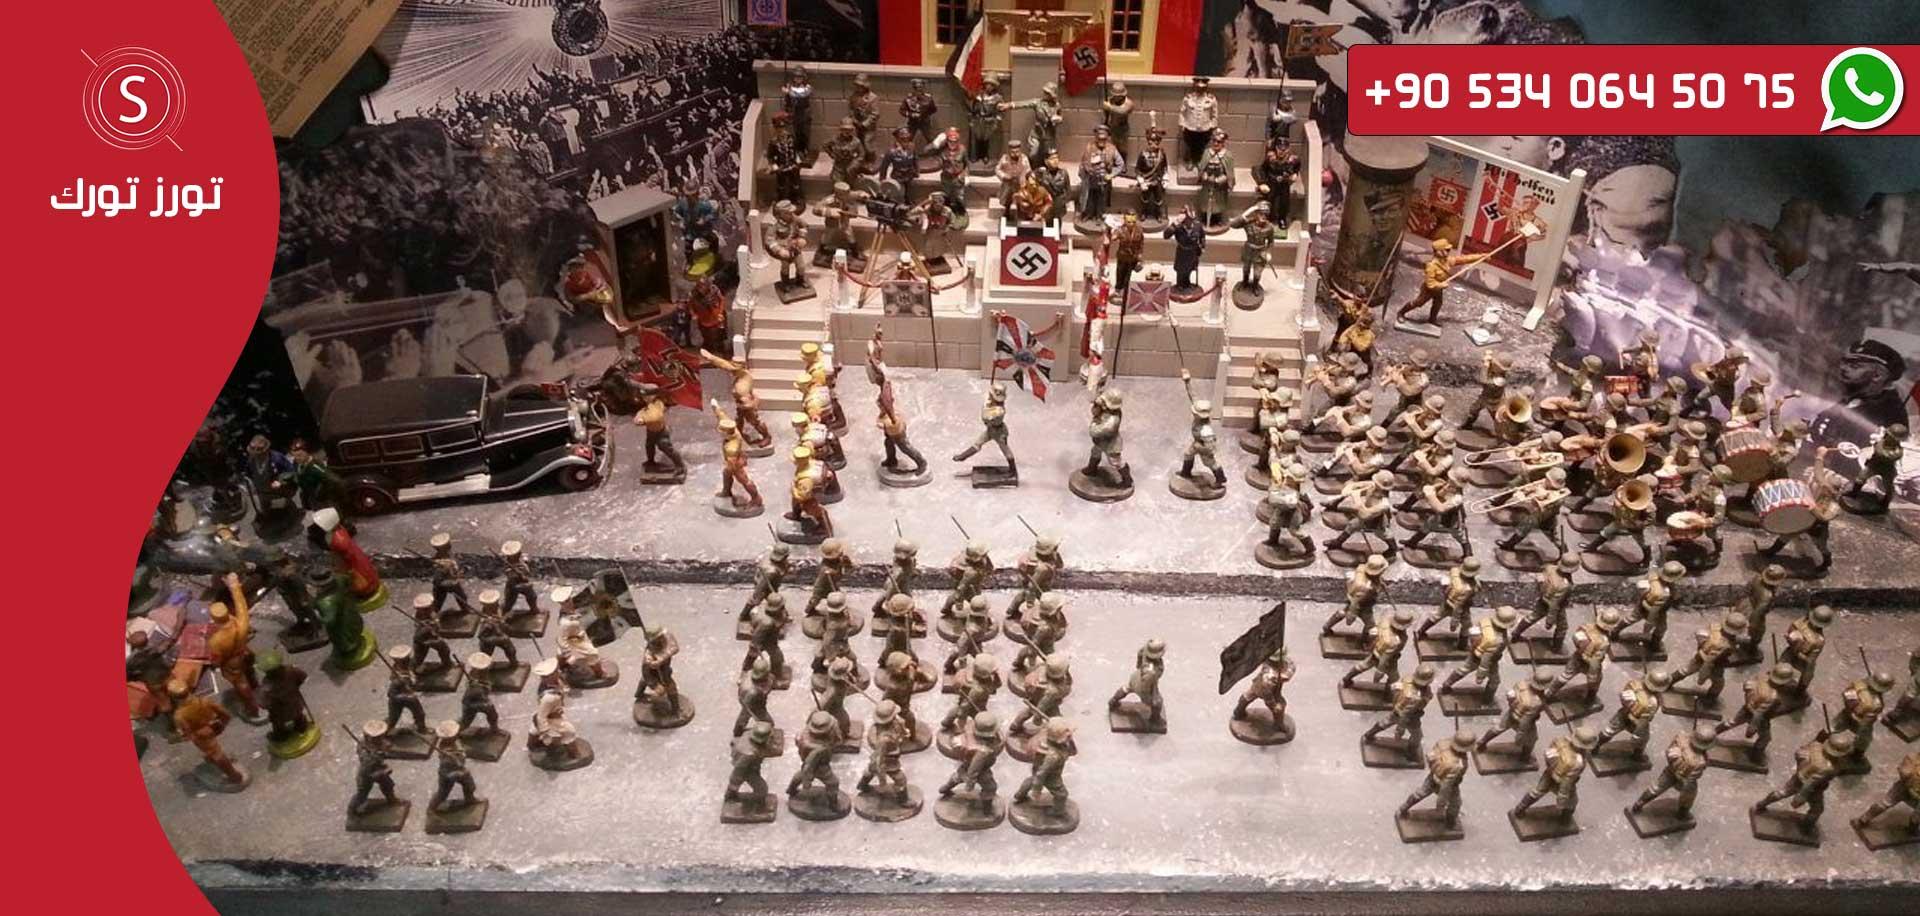 جولات في اسطنبيول متحف الالعاب